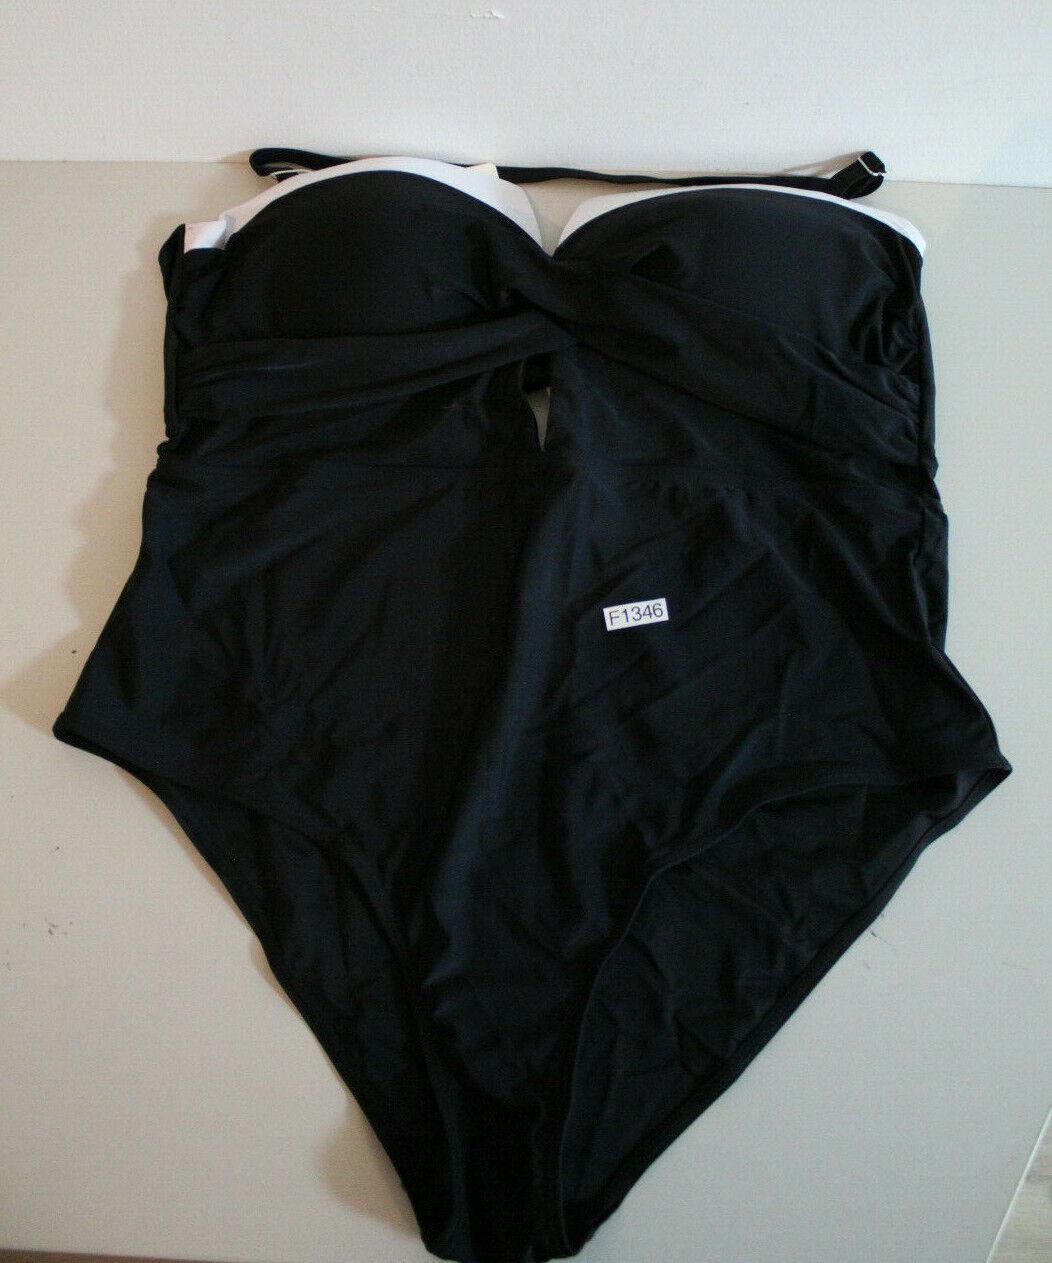 Swimsuit Swimwear La Orchid Plus Size XXXL Womens (F1346-R27)